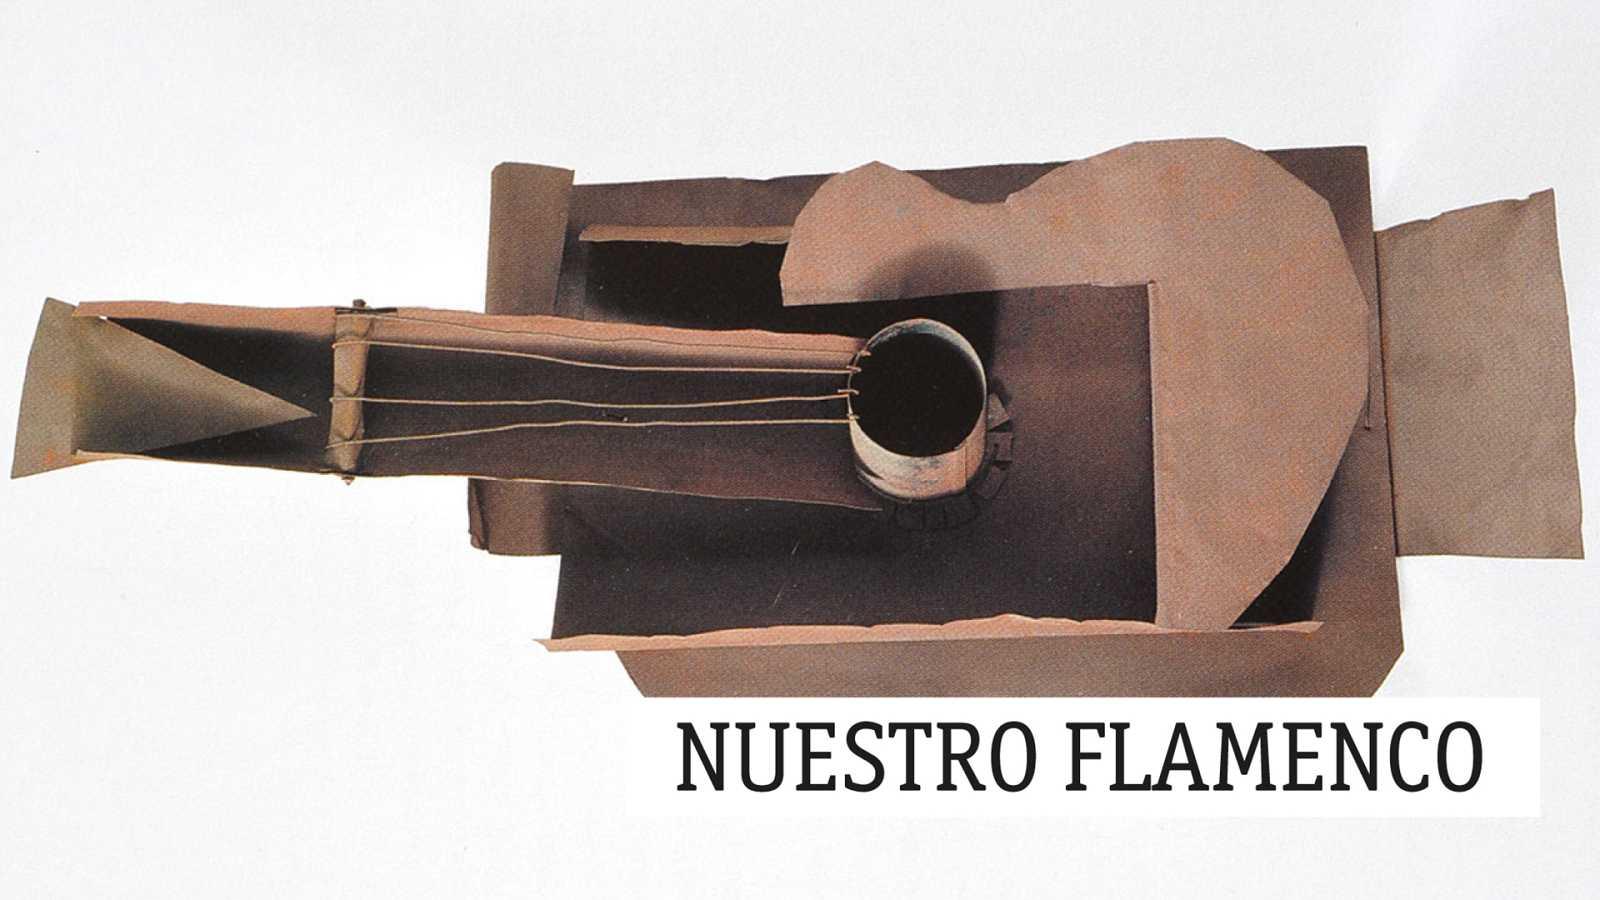 Nuestro Flamenco - Tomás Pavón, el libro - 17/12/19 - escuchar ahora